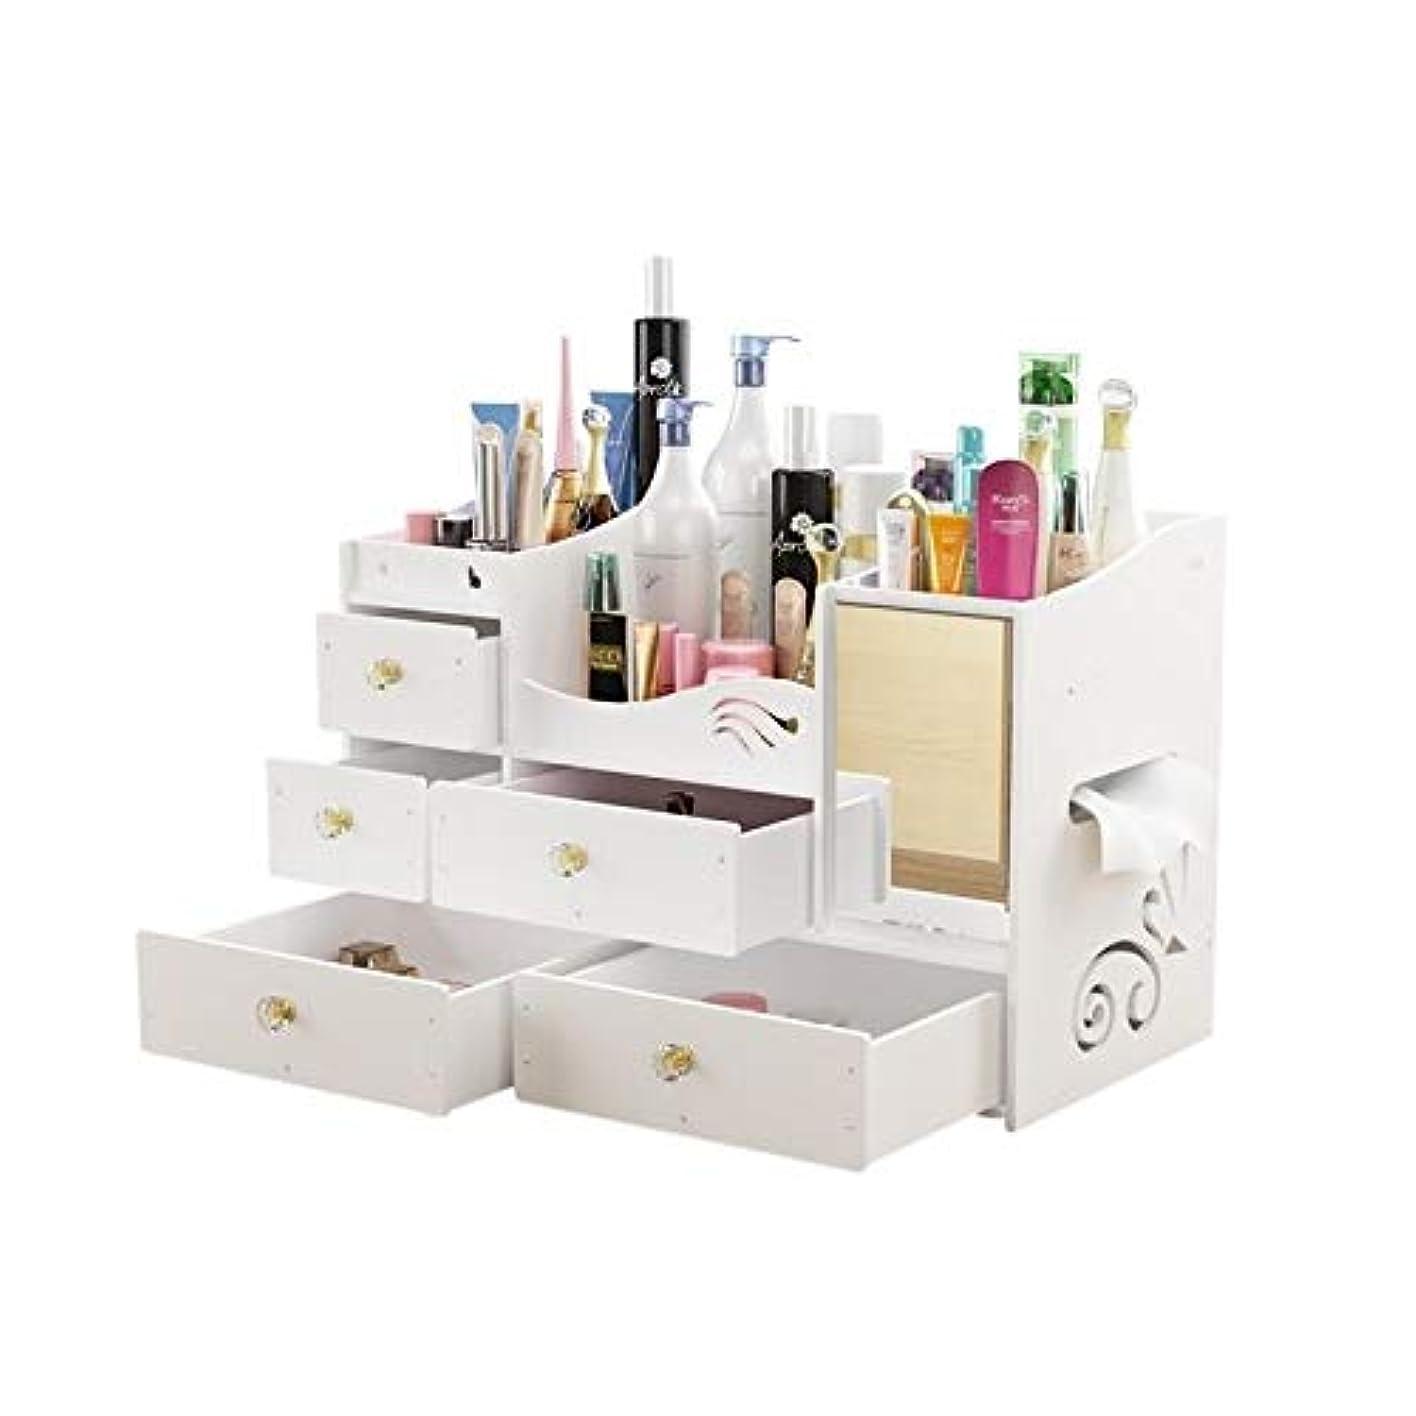 扱いやすい岸宿題STORAGE BOX PINGFUFF 化粧品収納ボックス、デスクトップ木製収納ボックス、ミラー付きDIY化粧品ケースミラー付きスキンケアラック